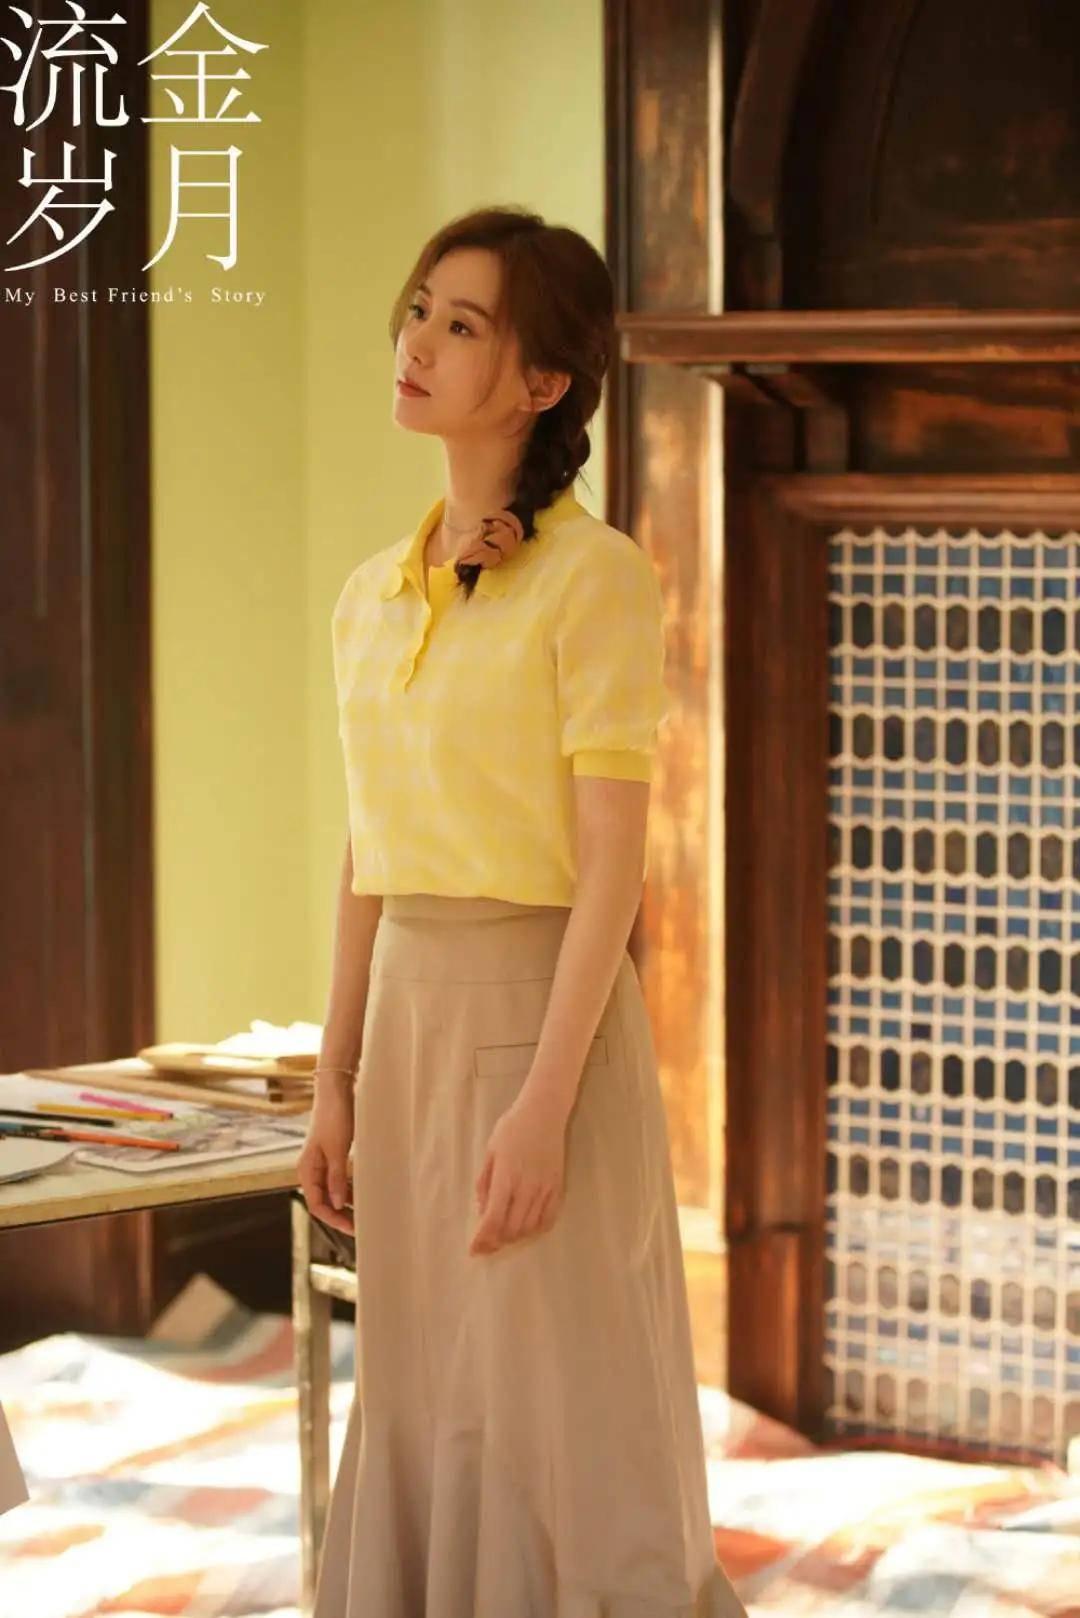 刘诗诗的原作《傅家小姐》被搜寻得很漂亮,但在32年前遗失在张可颐的白衬衫里